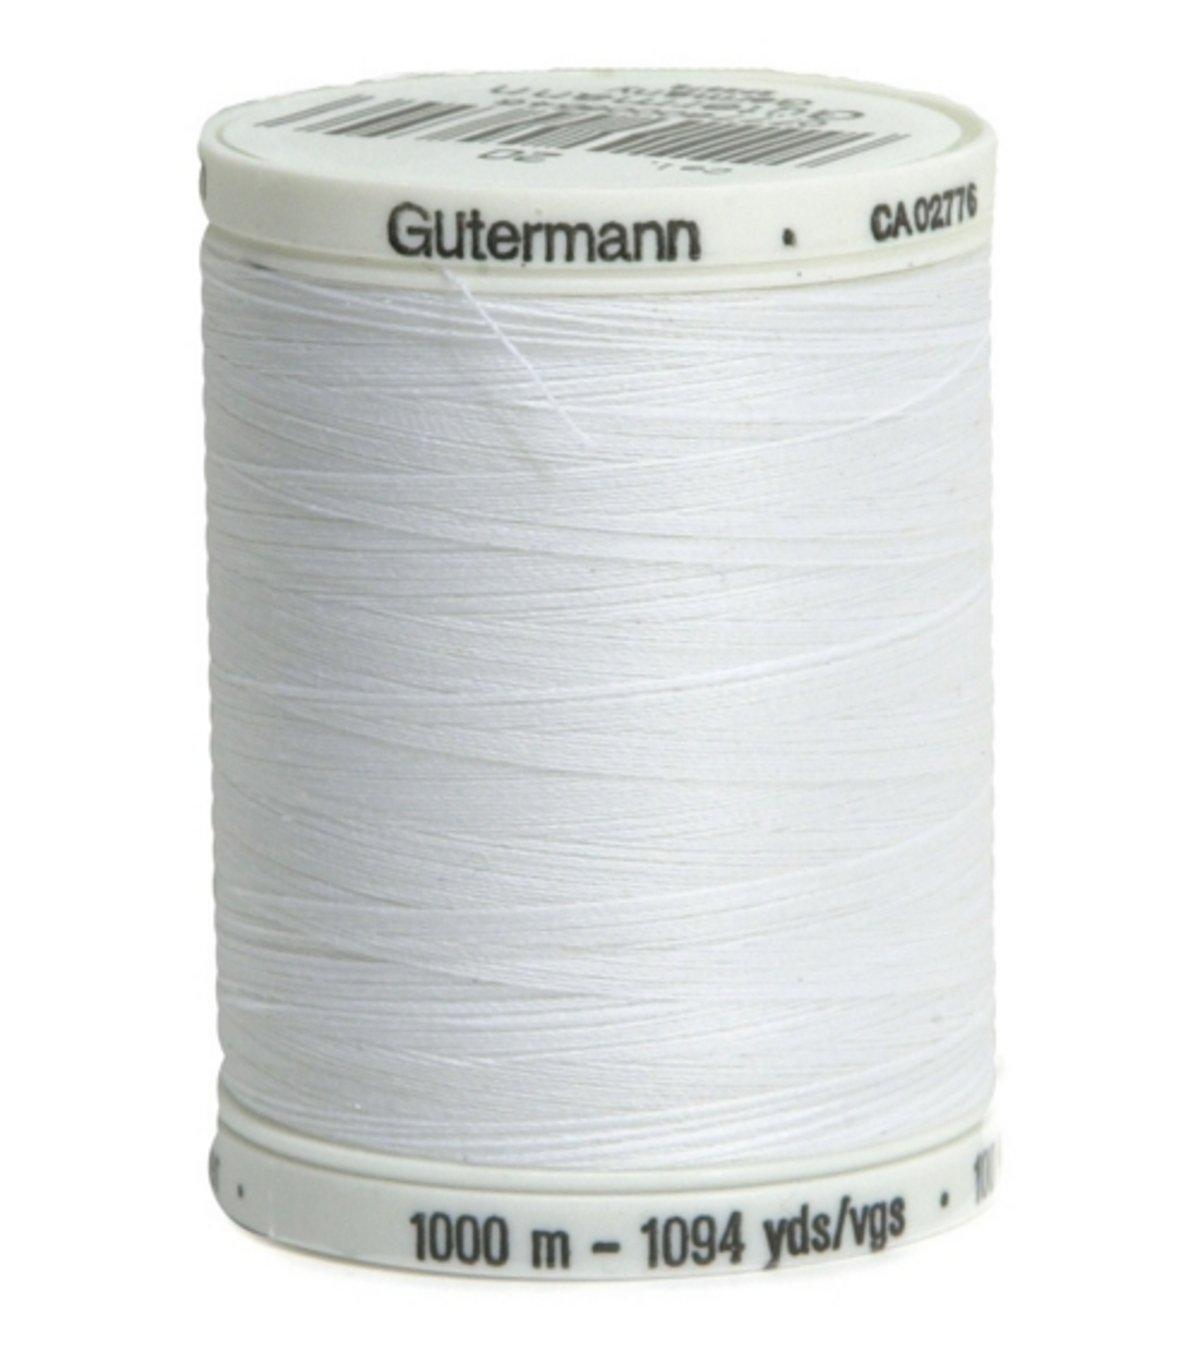 Gutermann Sew-All Thread 1000 M (1094 Yds) #20 Nu White